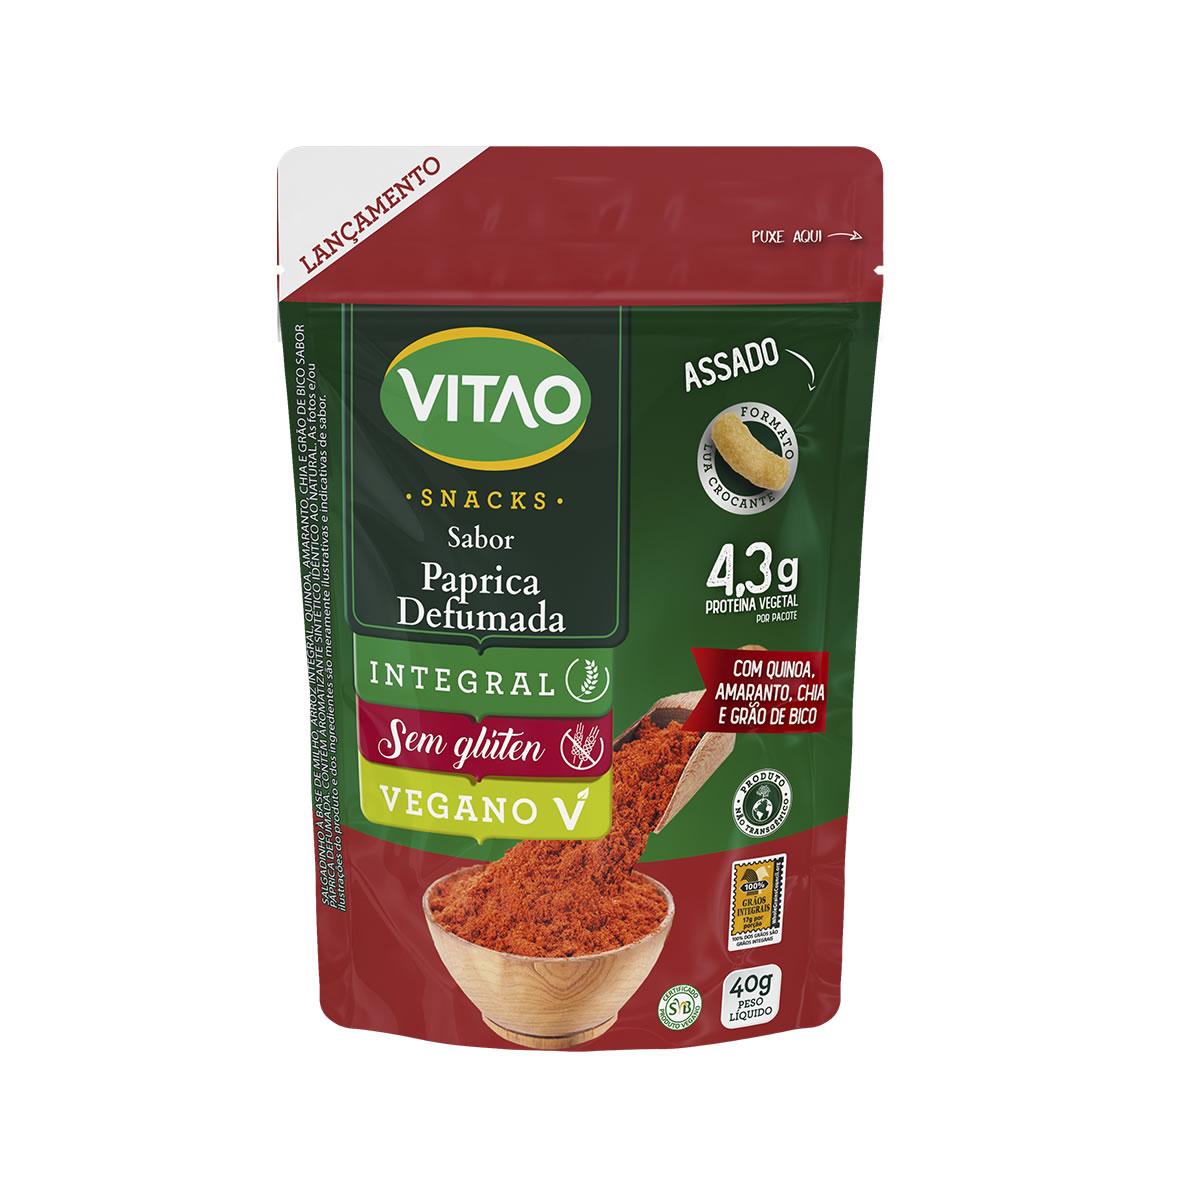 Snacks Integral Sabor Páprica Defumada 40g - Vitao